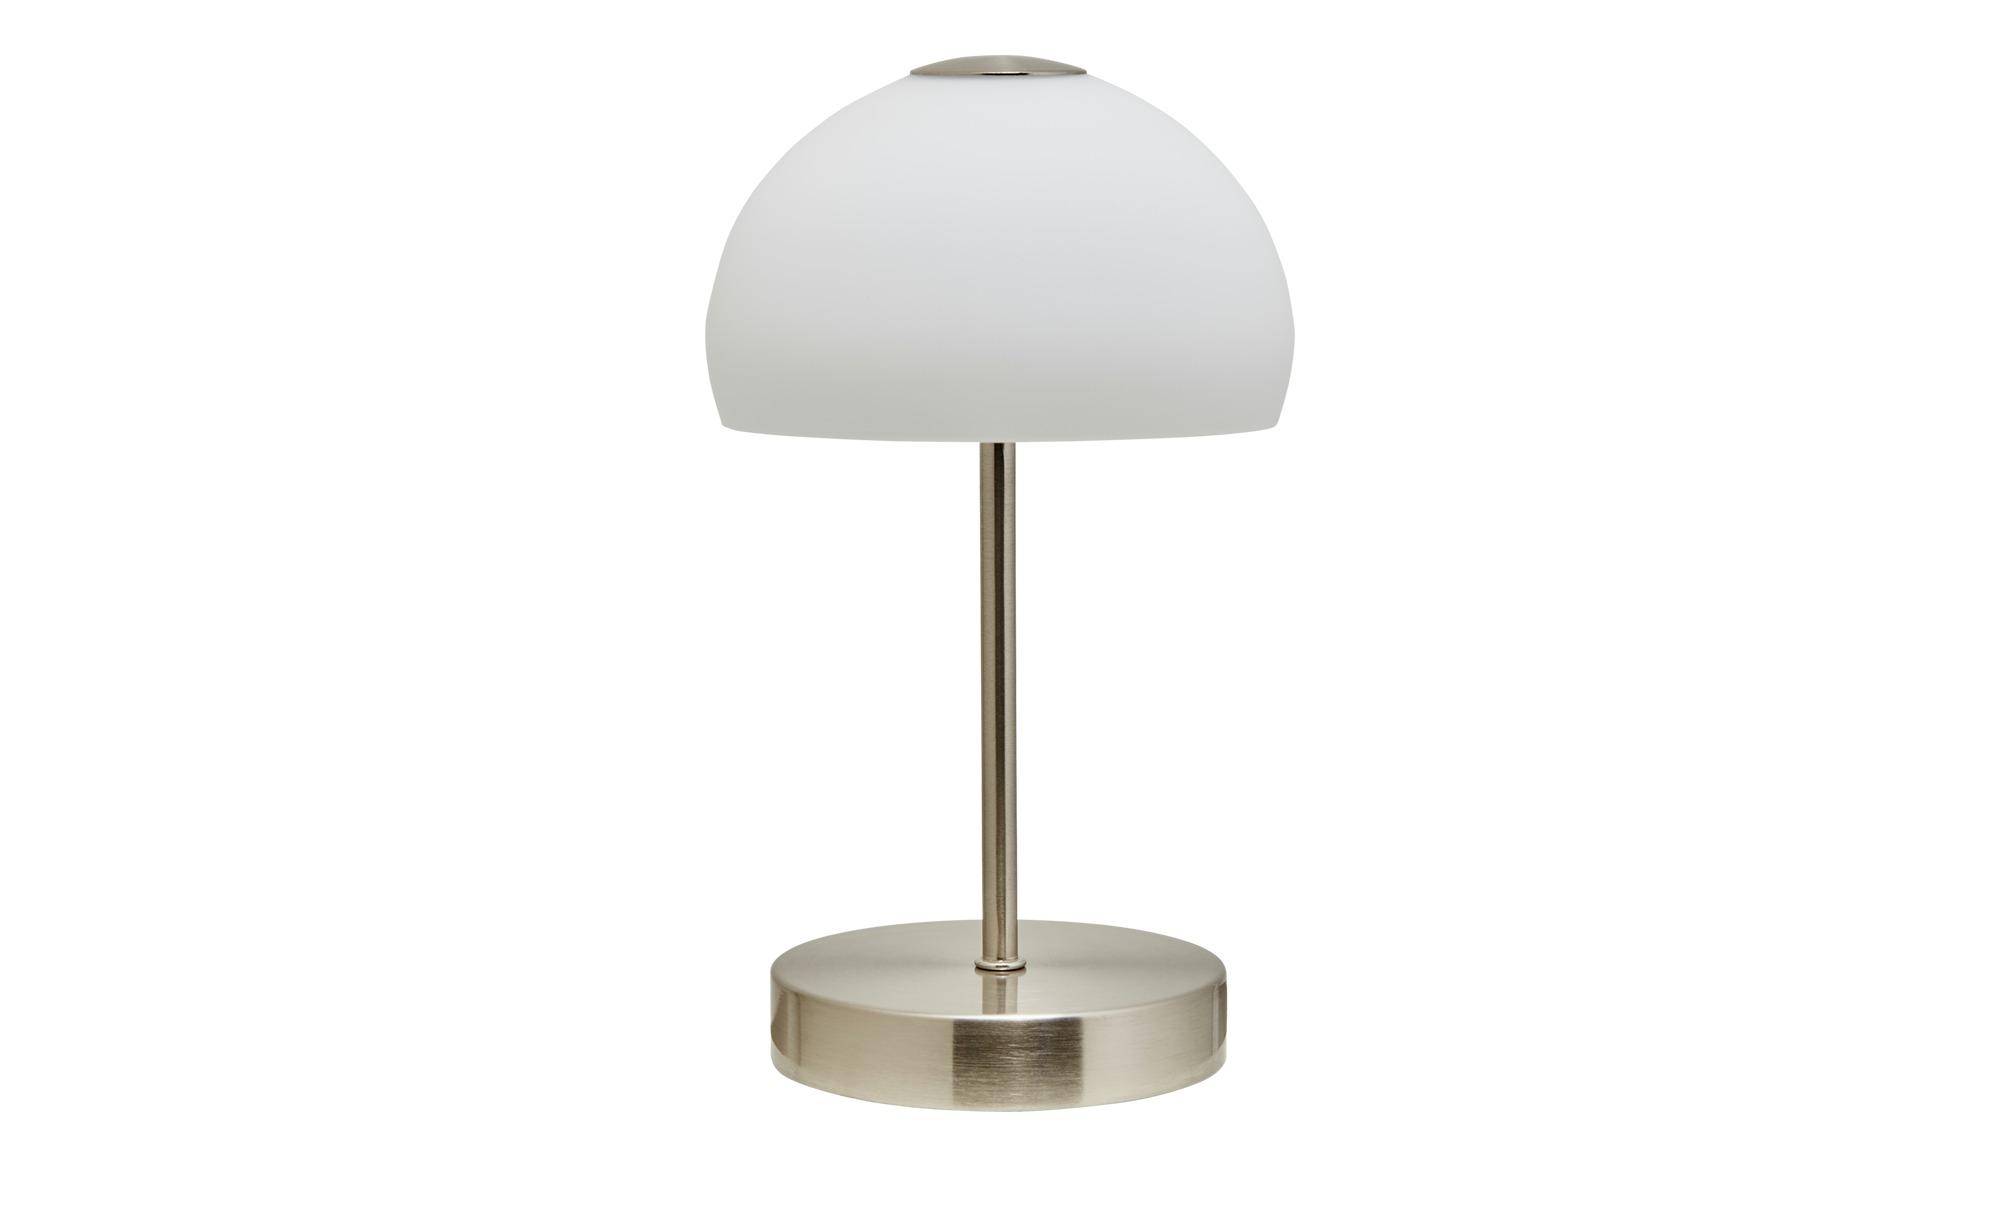 KHG LED- Tischleuchte, 1-flammig, mit Touchdimmer ¦ silber ¦ Maße (cm): H: 25 Ø: [13.0] Lampen & Leuchten > Innenleuchten > Tischlampen - Höffner